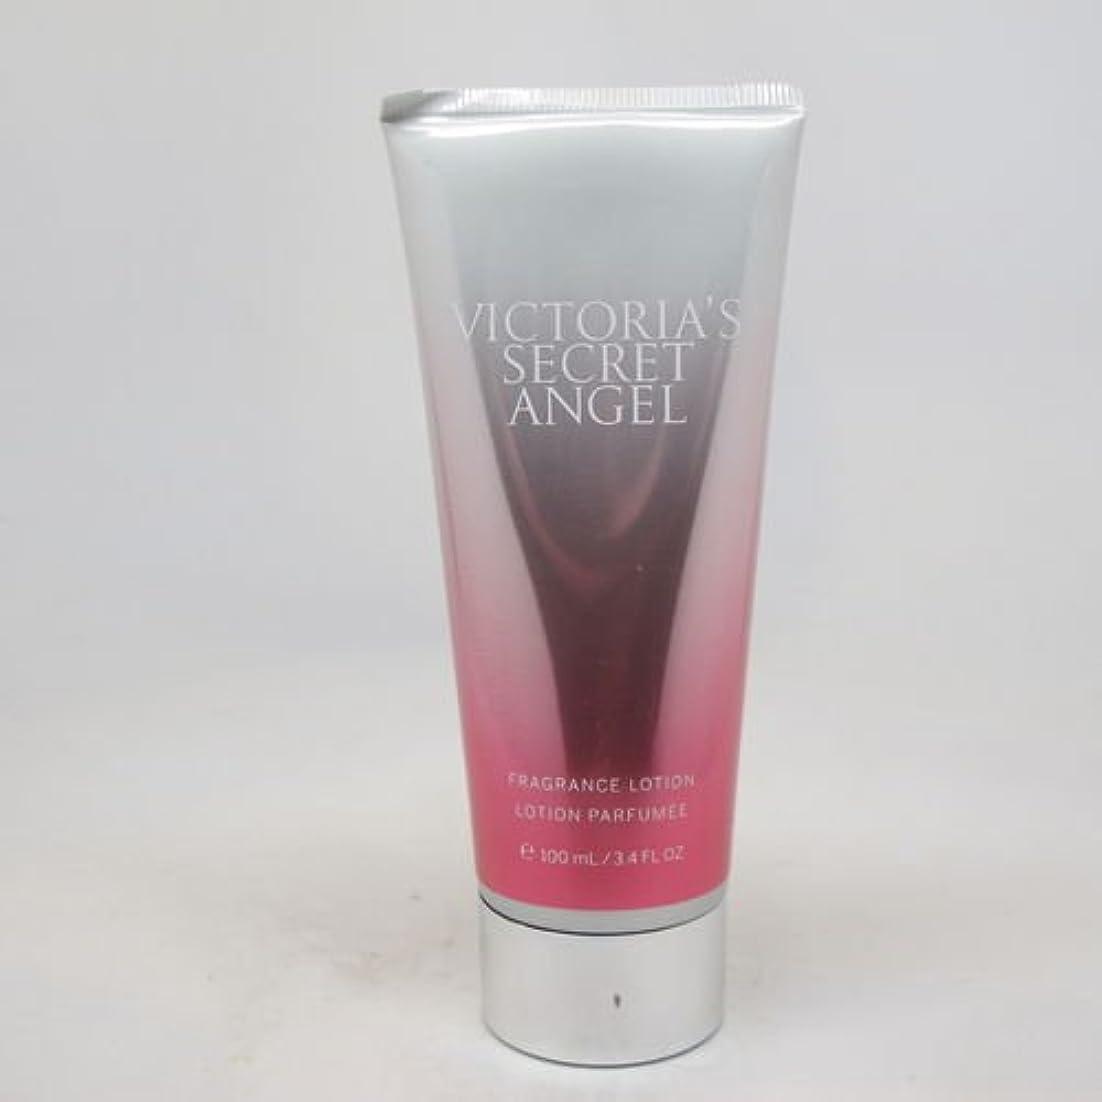 プレゼンプーノ王朝Victoria's Secret Angel (ヴィクトリアシークレット エンジェル) 3.4 oz (100ml) Body Lotion for Women